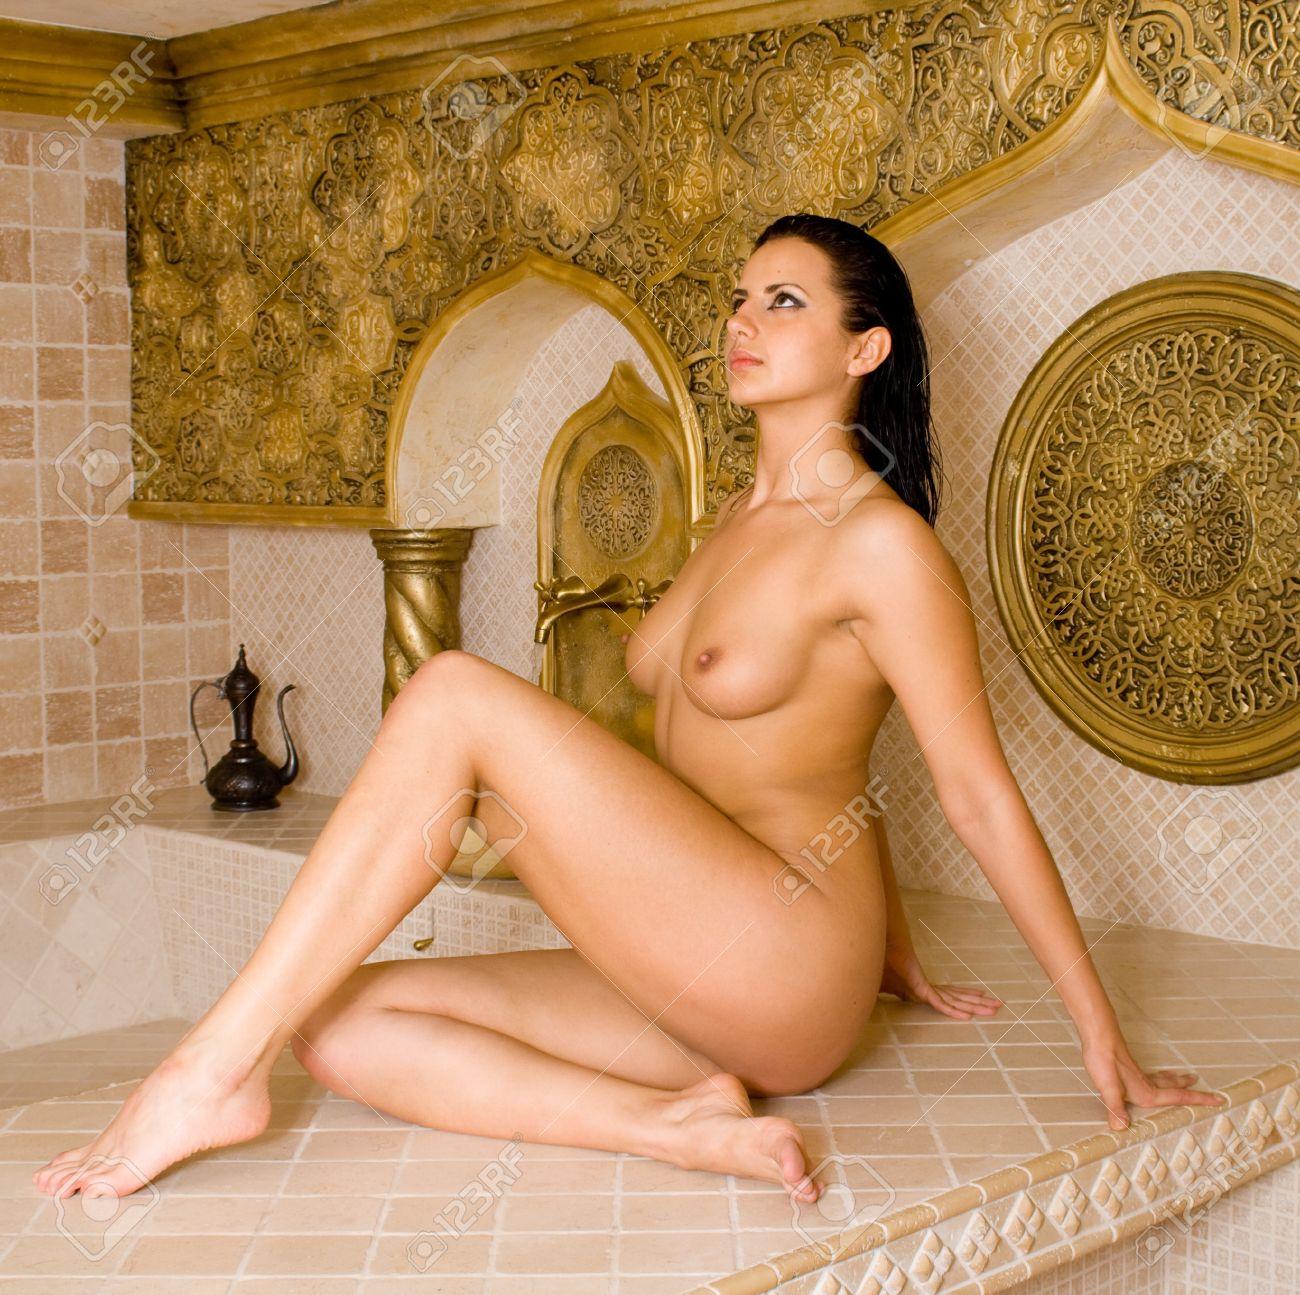 Секс в турецкой бане 2 фотография